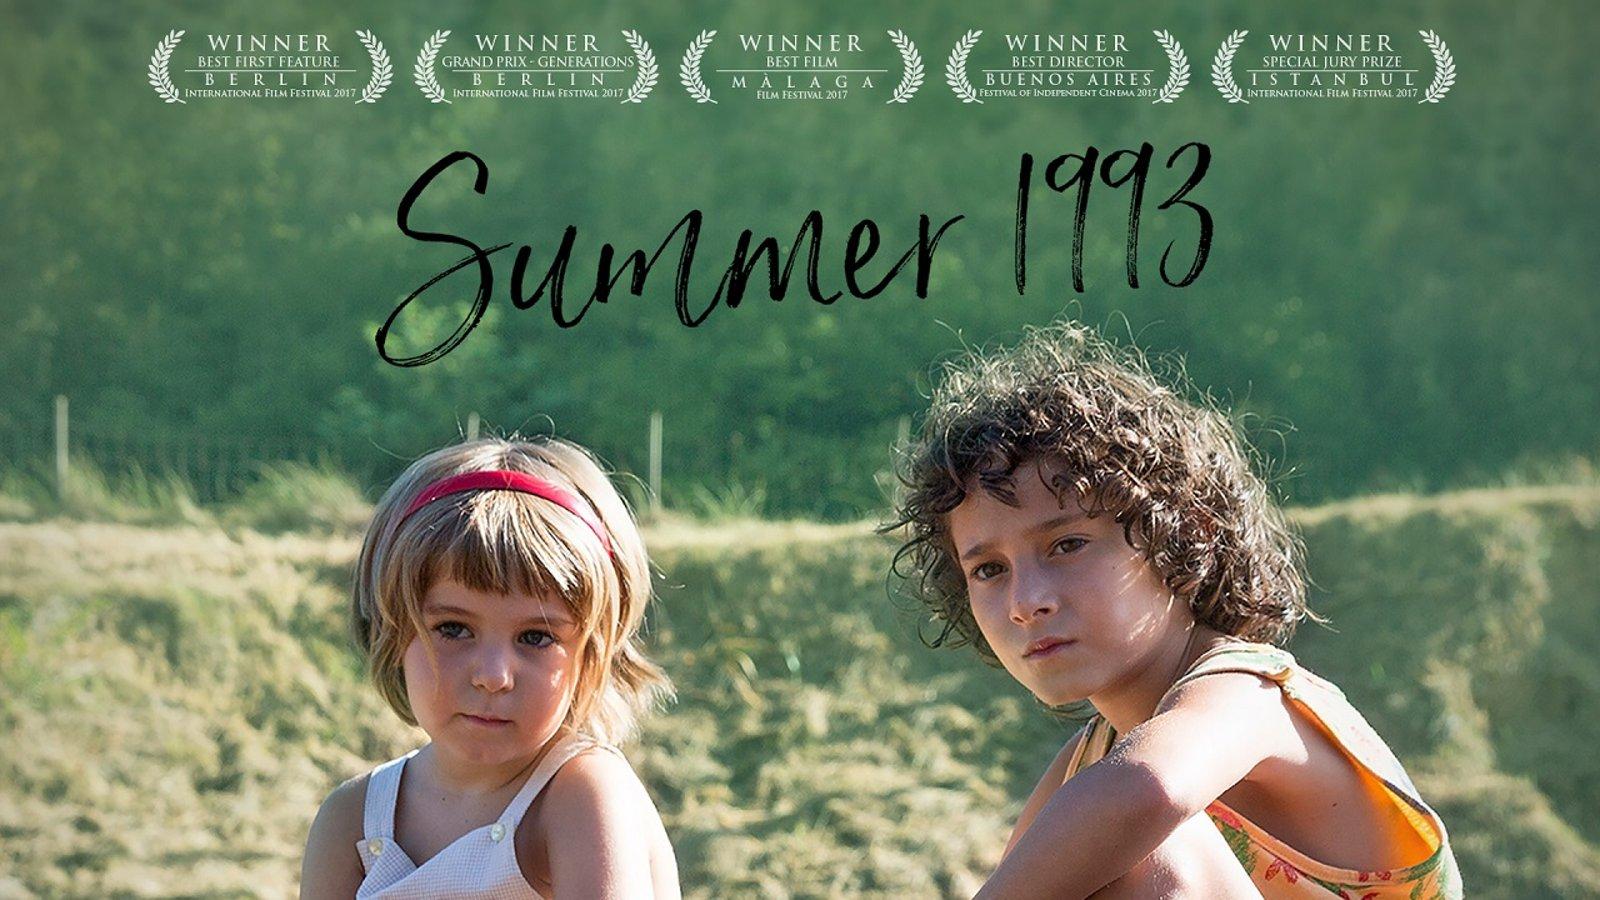 Summer 1993 - Estiu 1993